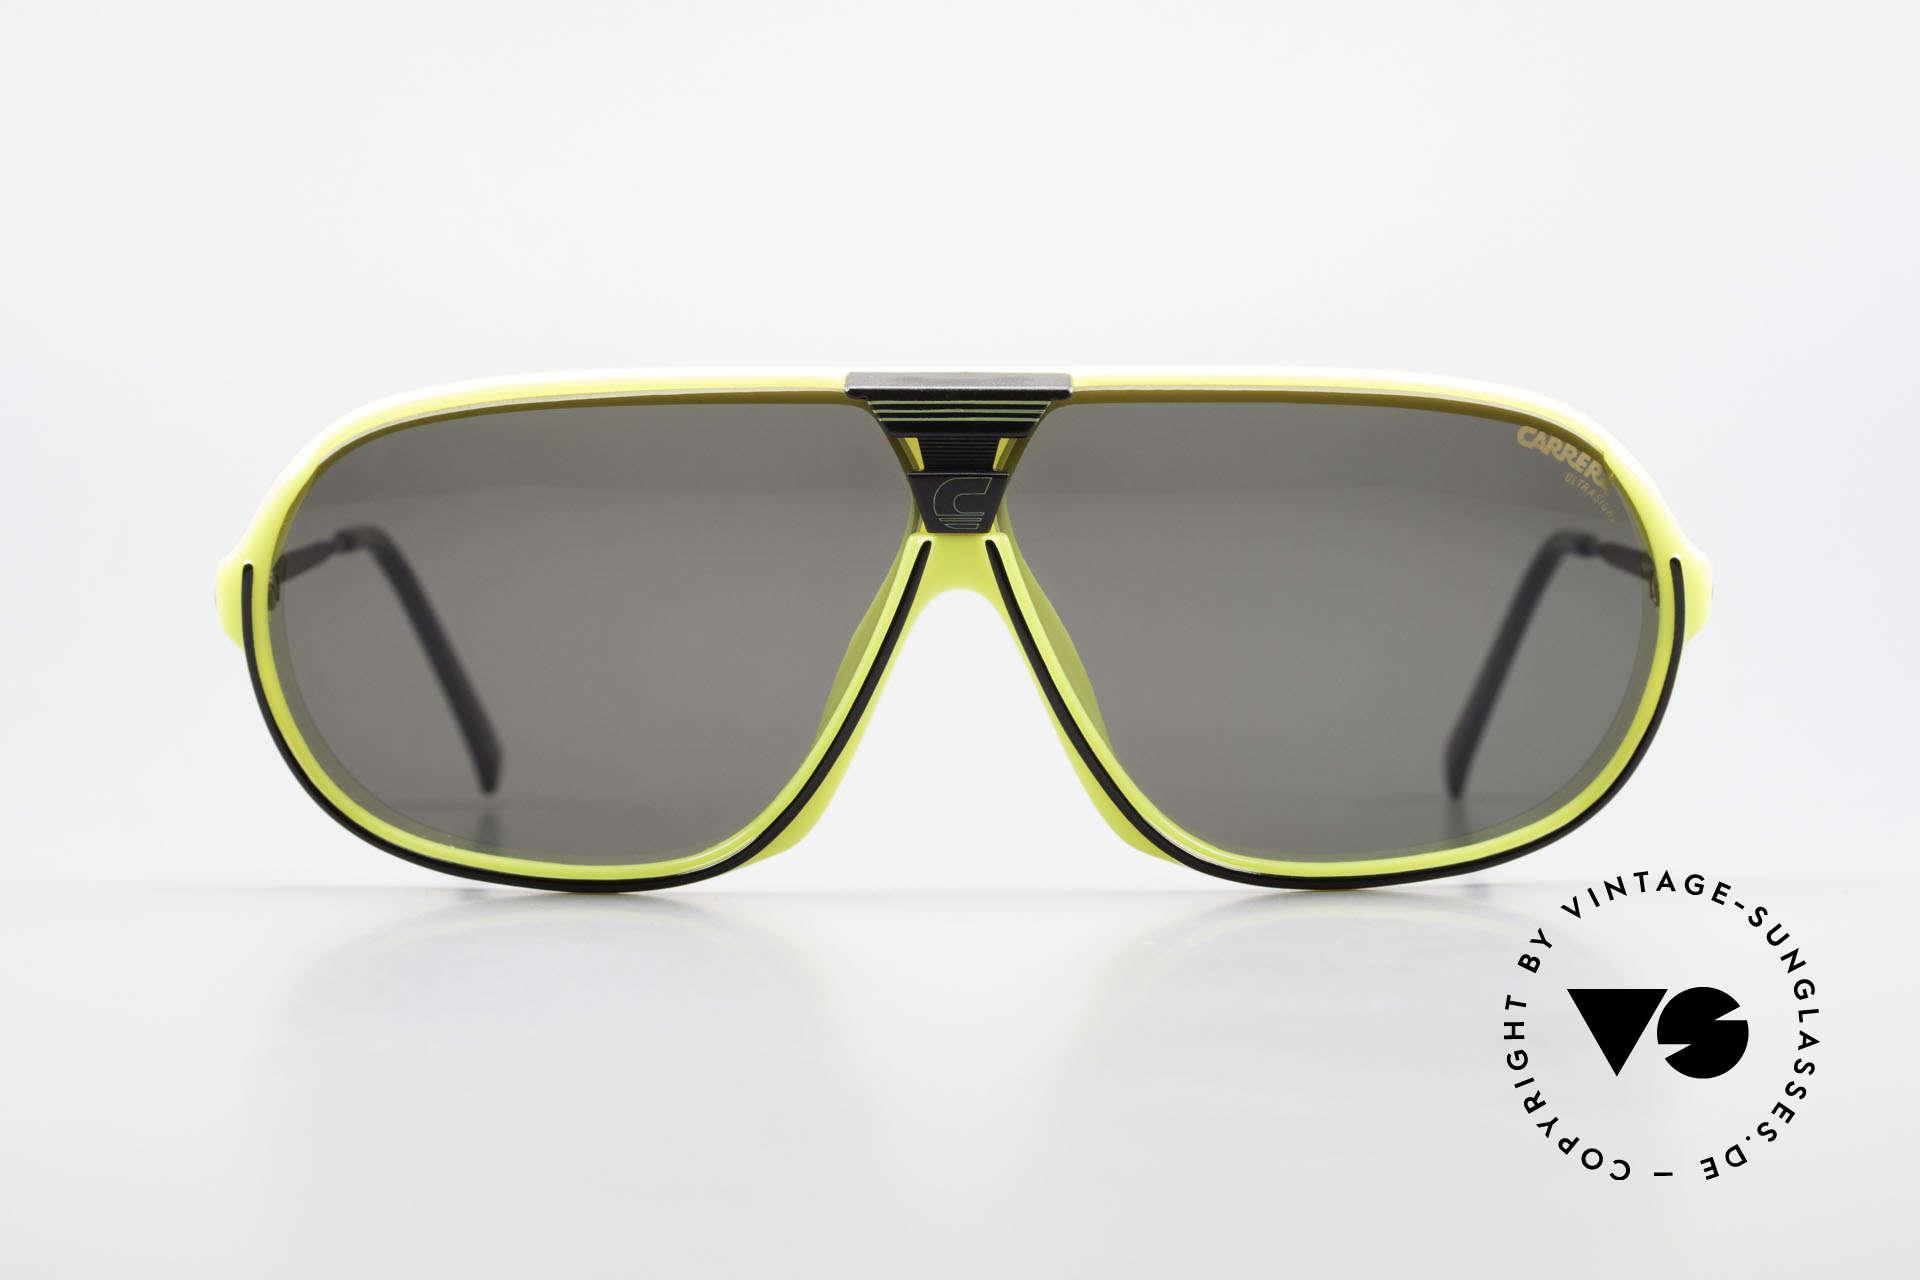 Carrera 5416 80's Sonnenbrille Polarisierend, ultraleichter Rahmen aus genialem Optyl-Material, Passend für Herren